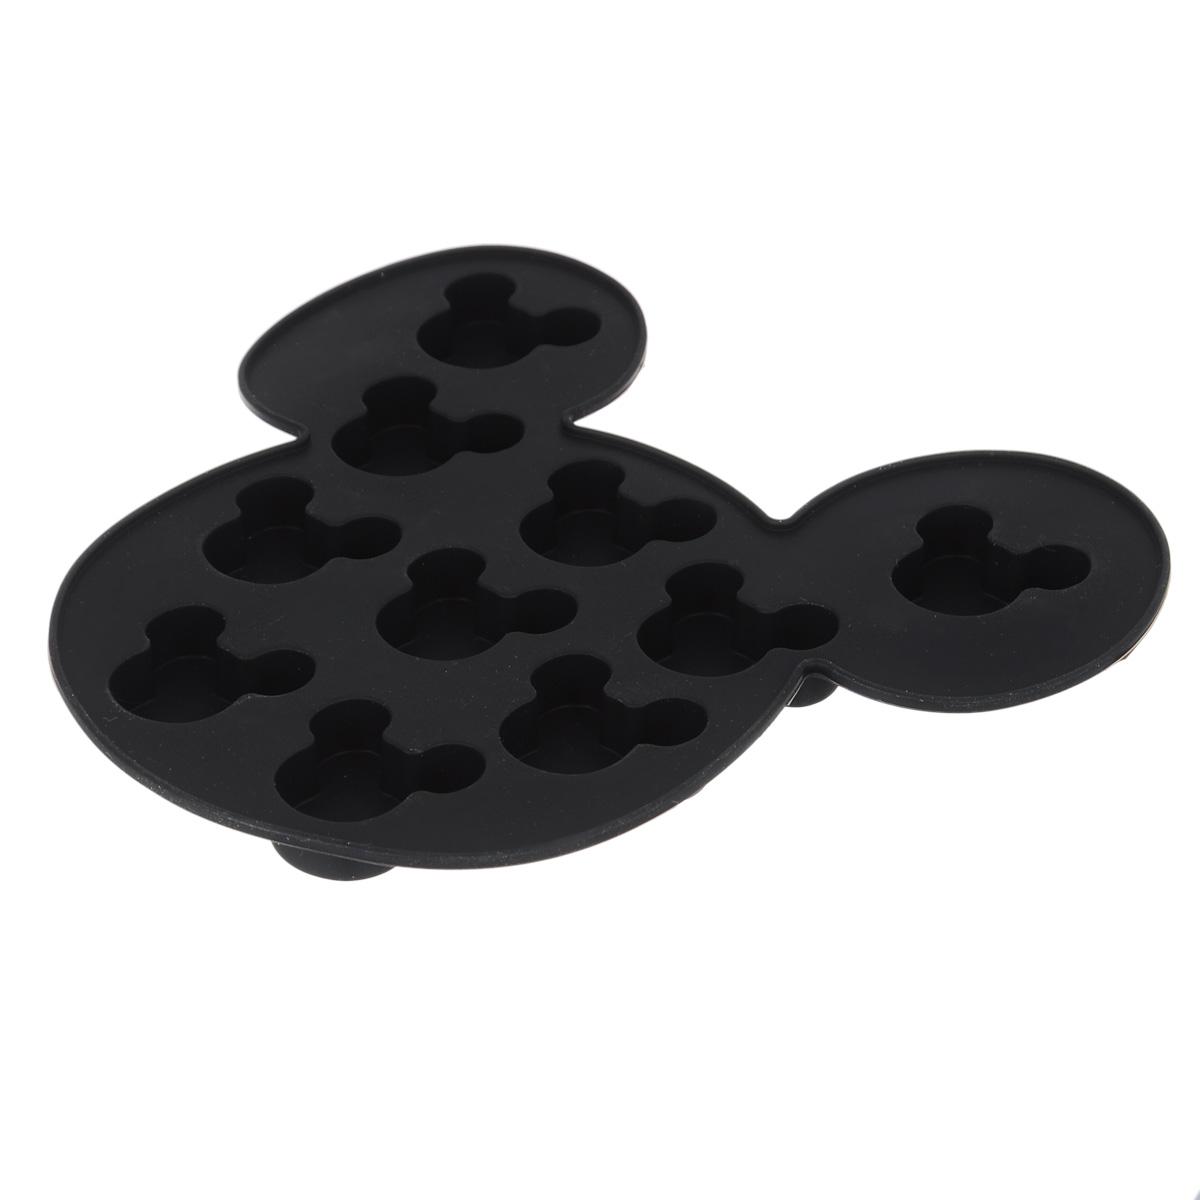 Форма для льда Disney Микки Маус, цвет: черный, 10 ячеек61132Форма Disney Микки Маус выполнена из высококачественного пищевого силикона и предназначена для изготовления шоколада, конфет, мармелада, желе, льда и выпечки. На одном листе расположено 10 ячеек в виде мордочек Микки Мауса. Благодаря тому, что форма изготовлена из силикона, готовый десерт вынимать легко и просто. Силиконовые формы выдерживают высокие и низкие температуры (от -40°С до +230°С). Они эластичны, износостойки, легко моются, не горят и не тлеют, не впитывают запахи, не оставляют пятен. Силикон абсолютно безвреден для здоровья. Чтобы достать льдинки, эту форму не нужно держать под теплой водой или использовать нож. Можно использовать в микроволновой печи, мыть в посудомоечной машине и хранить в холодильнике. Упаковка содержит описание рецептов ягодного льда и шоколадных конфет. Общий размер формы: 16 х 15 х 1,5 см. Количество ячеек: 10 шт. Размер ячеек: 3 х 2,5 х 1 см.